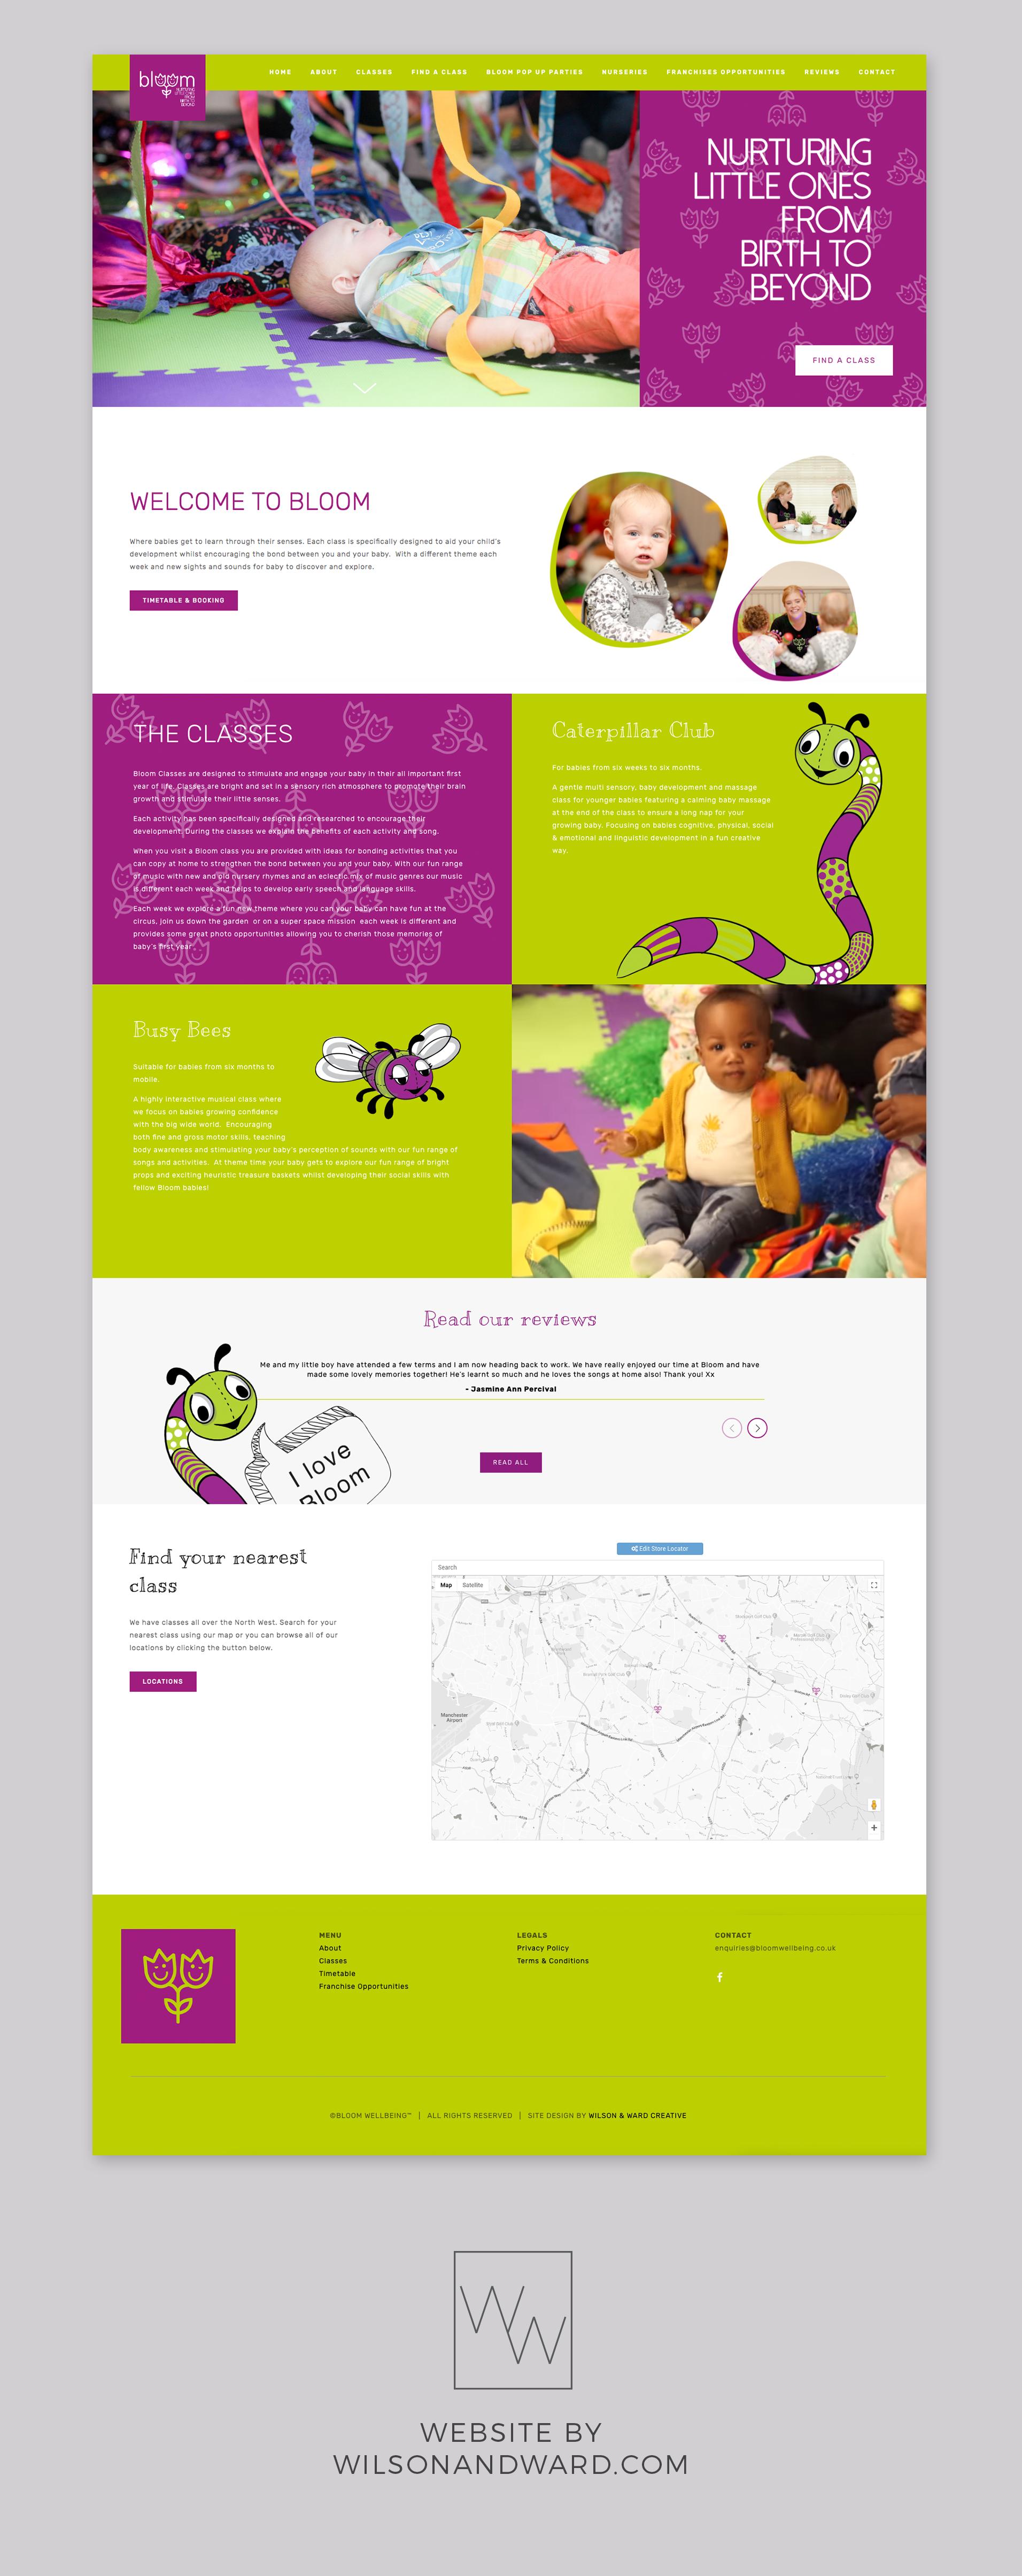 bloom-business-web-development-manchester-website.png